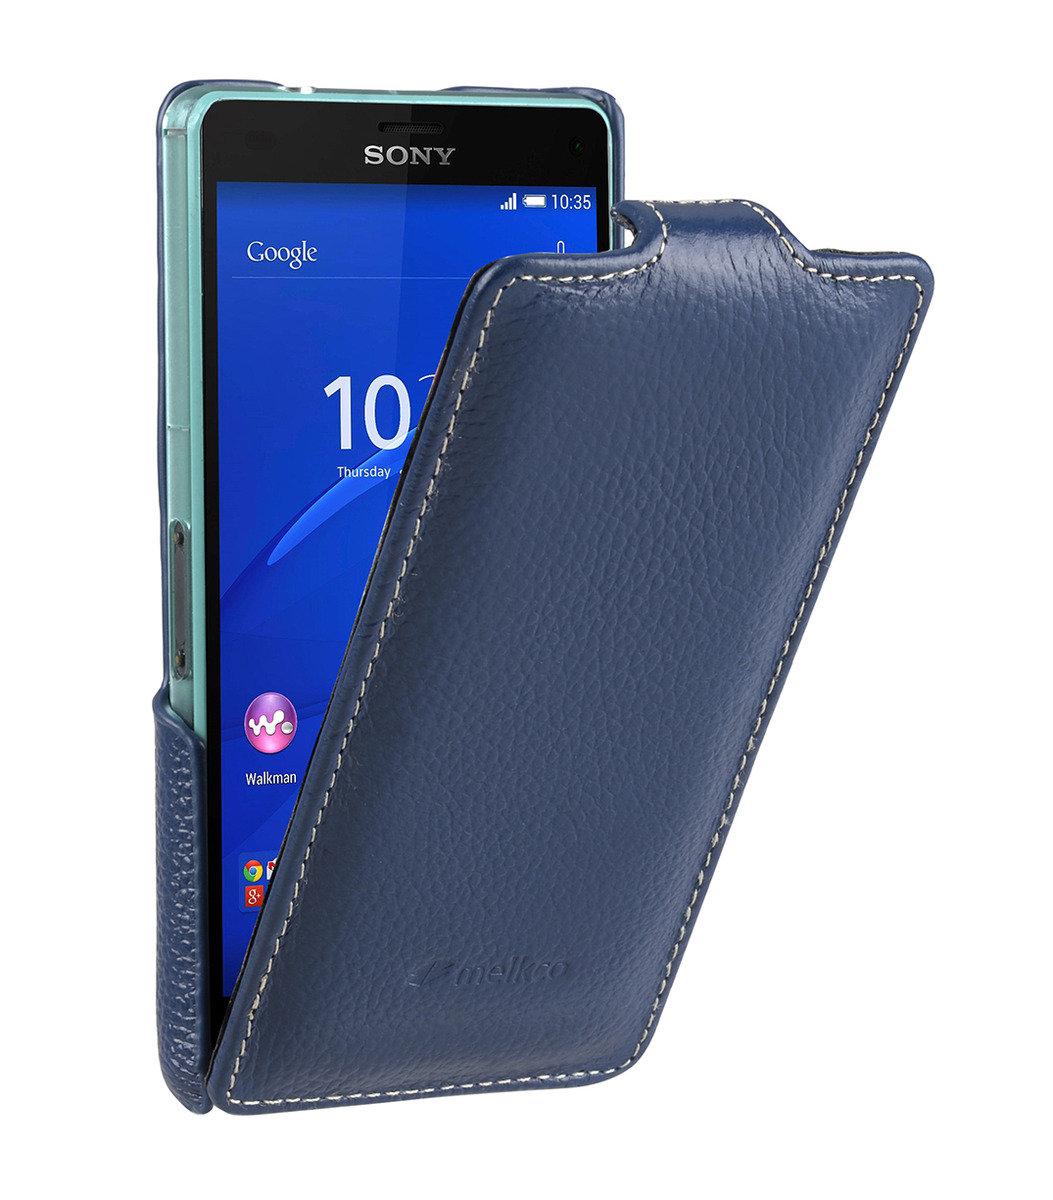 Sony Xperia Z3 Compact / Z3 Mini Jacka Type 高級真皮革手機套 (暗藍色荔枝條紋)